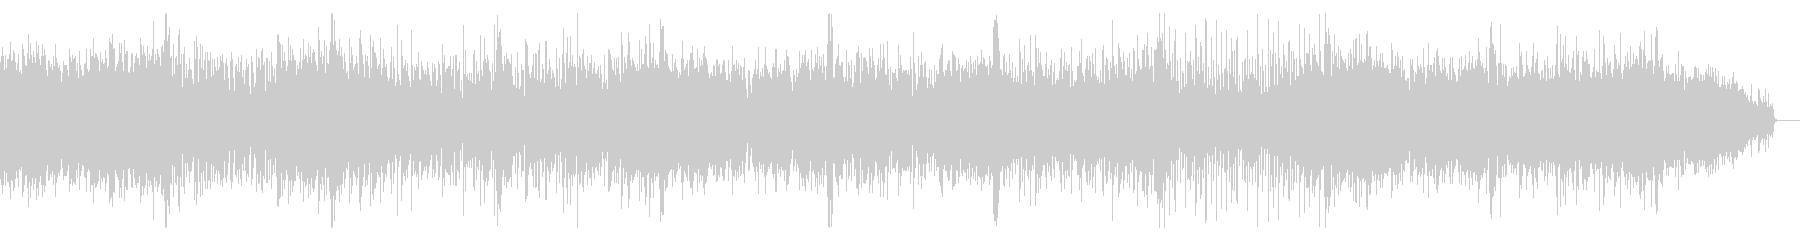 ノイジーなビートのロボティックなIDMの未再生の波形